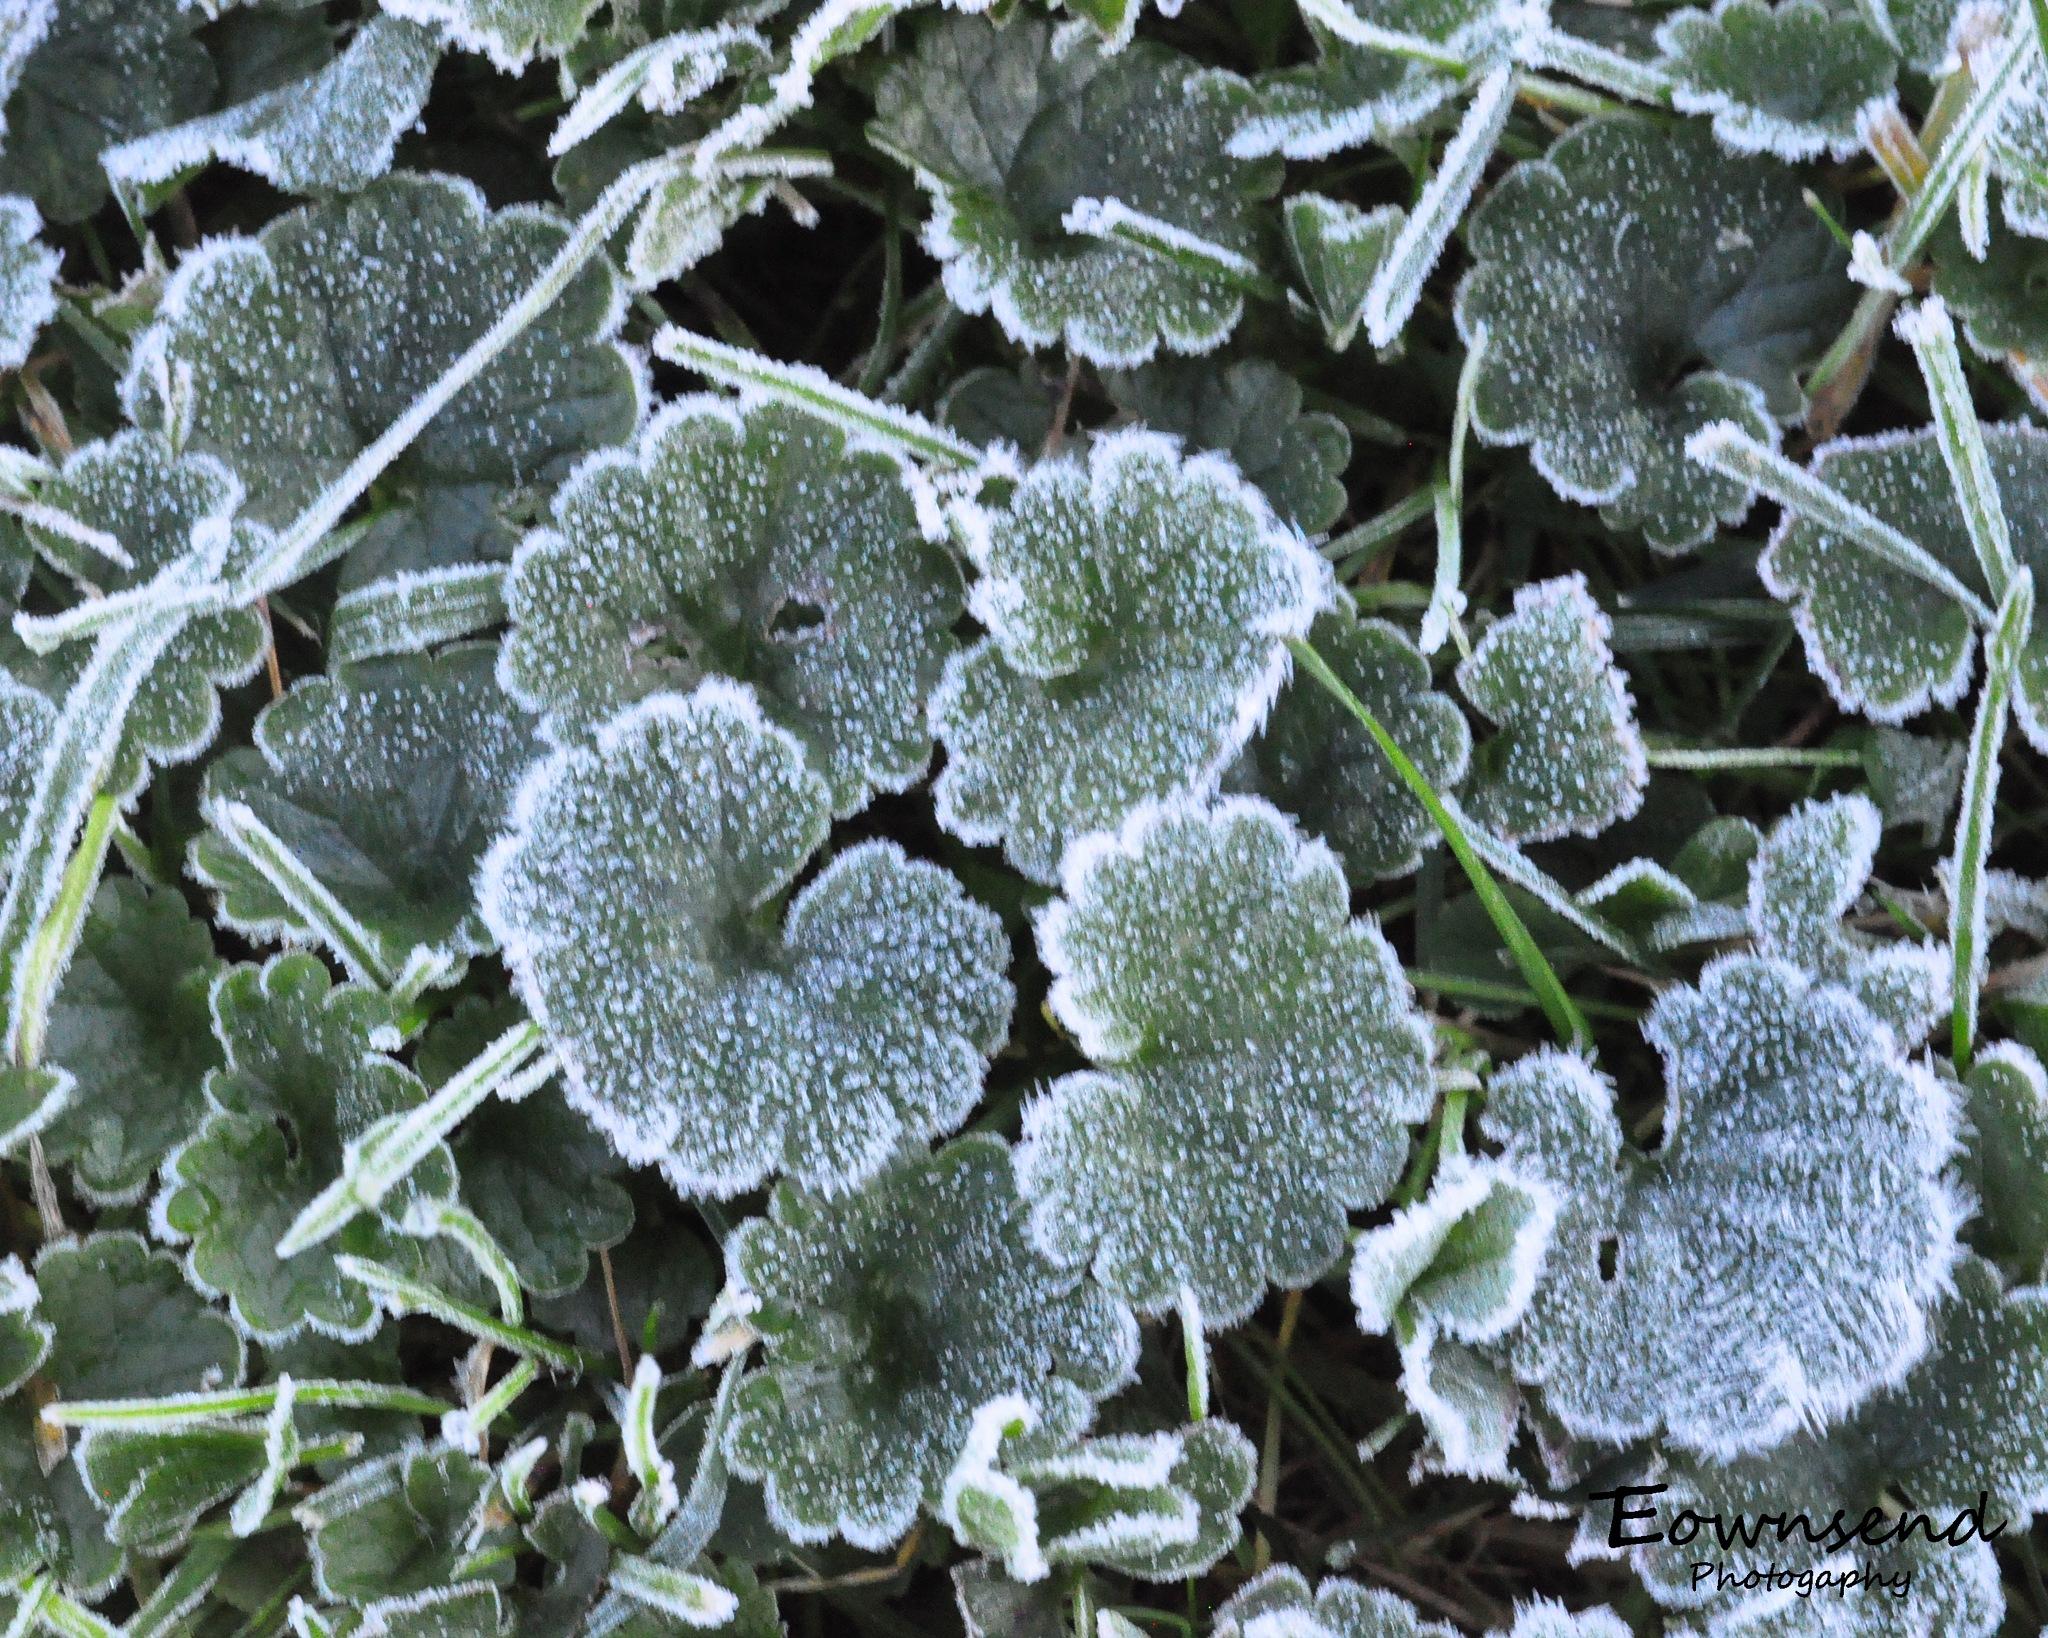 Frost by Elizabeth C. Townsend